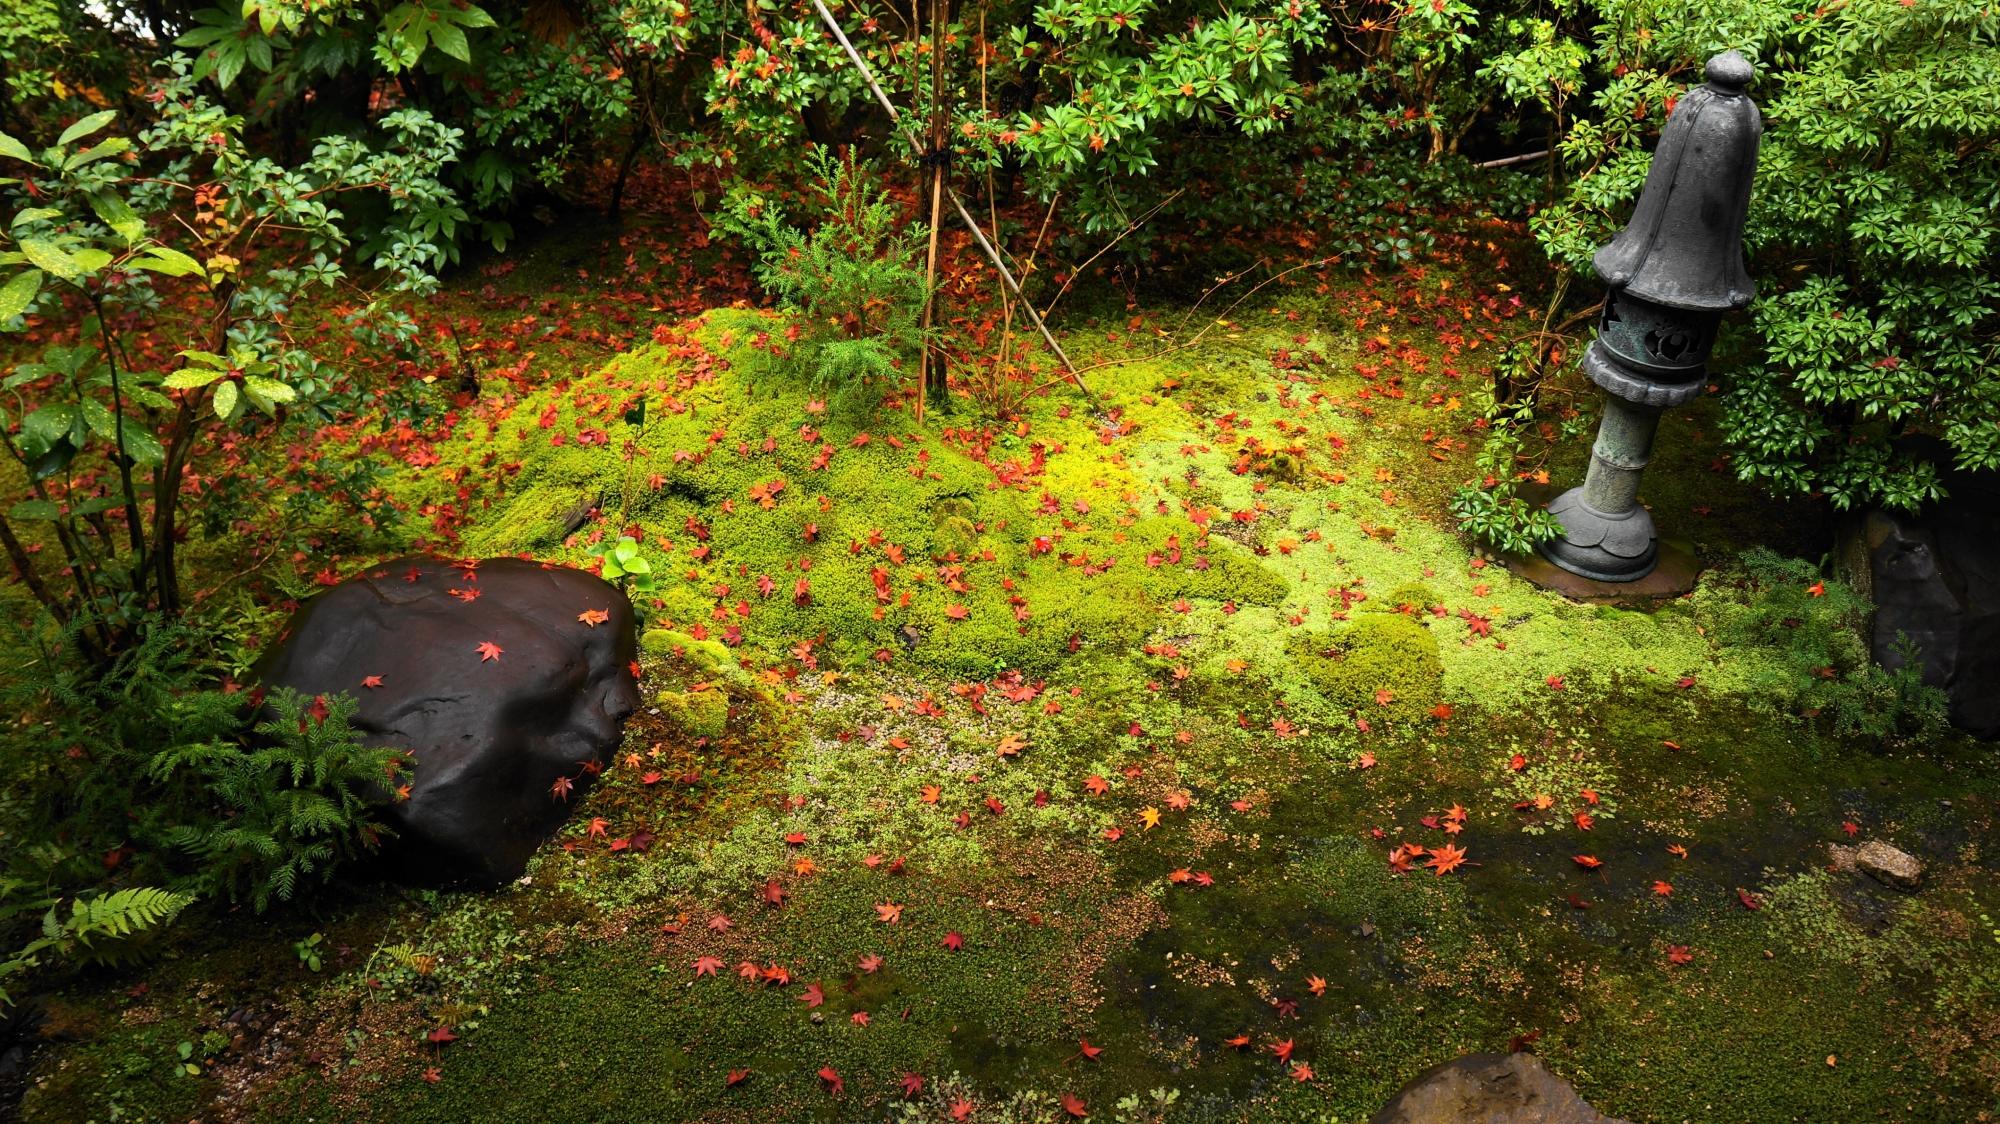 茶庵「喜鶴亭」の緑と散り紅葉